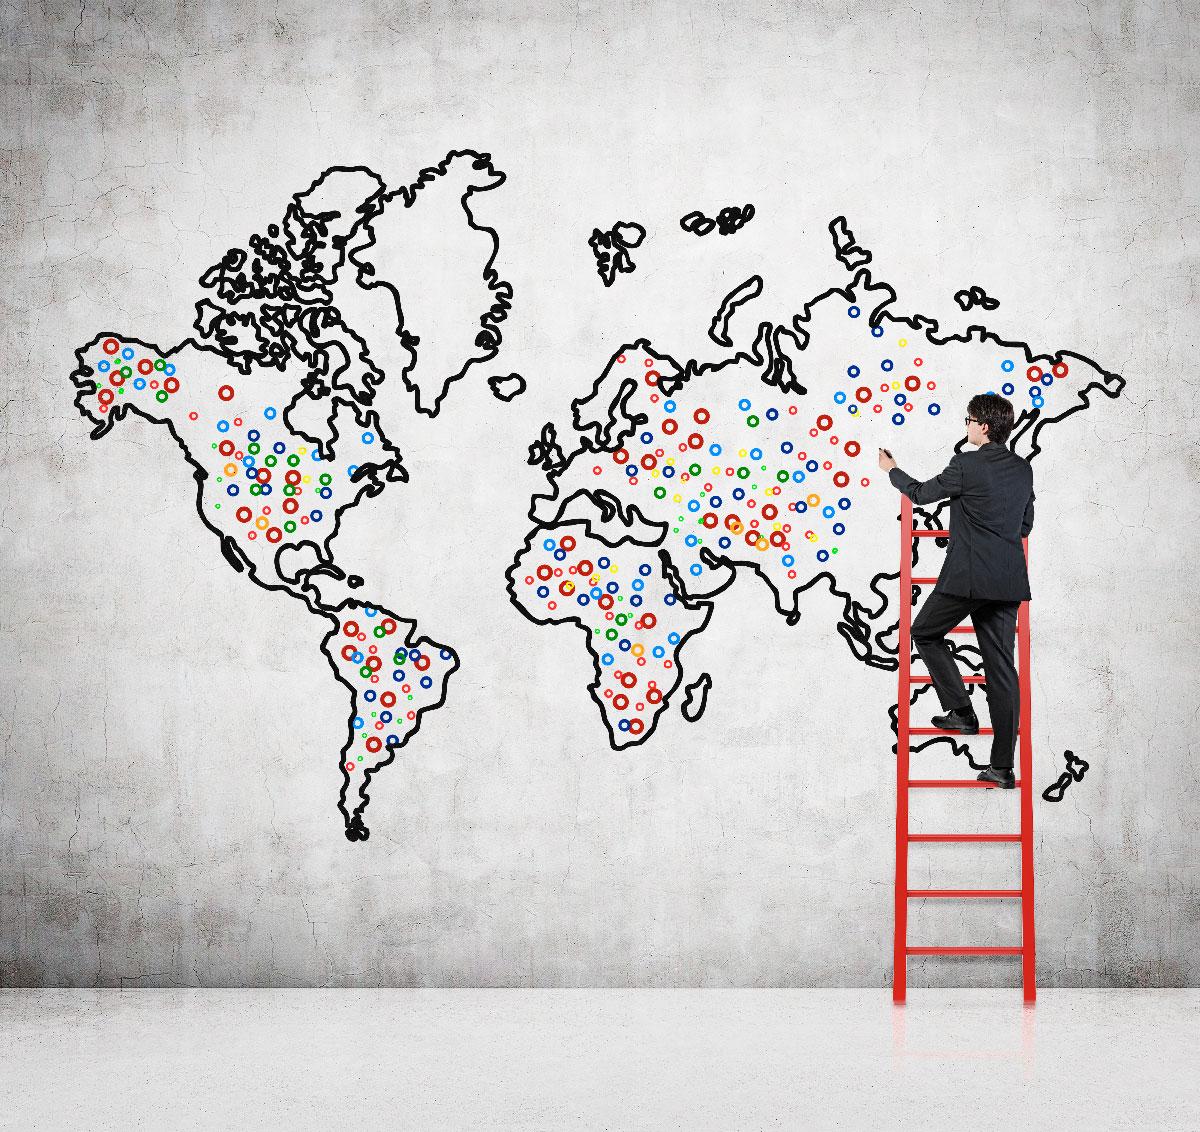 Cómo expandir un negocio con éxito?